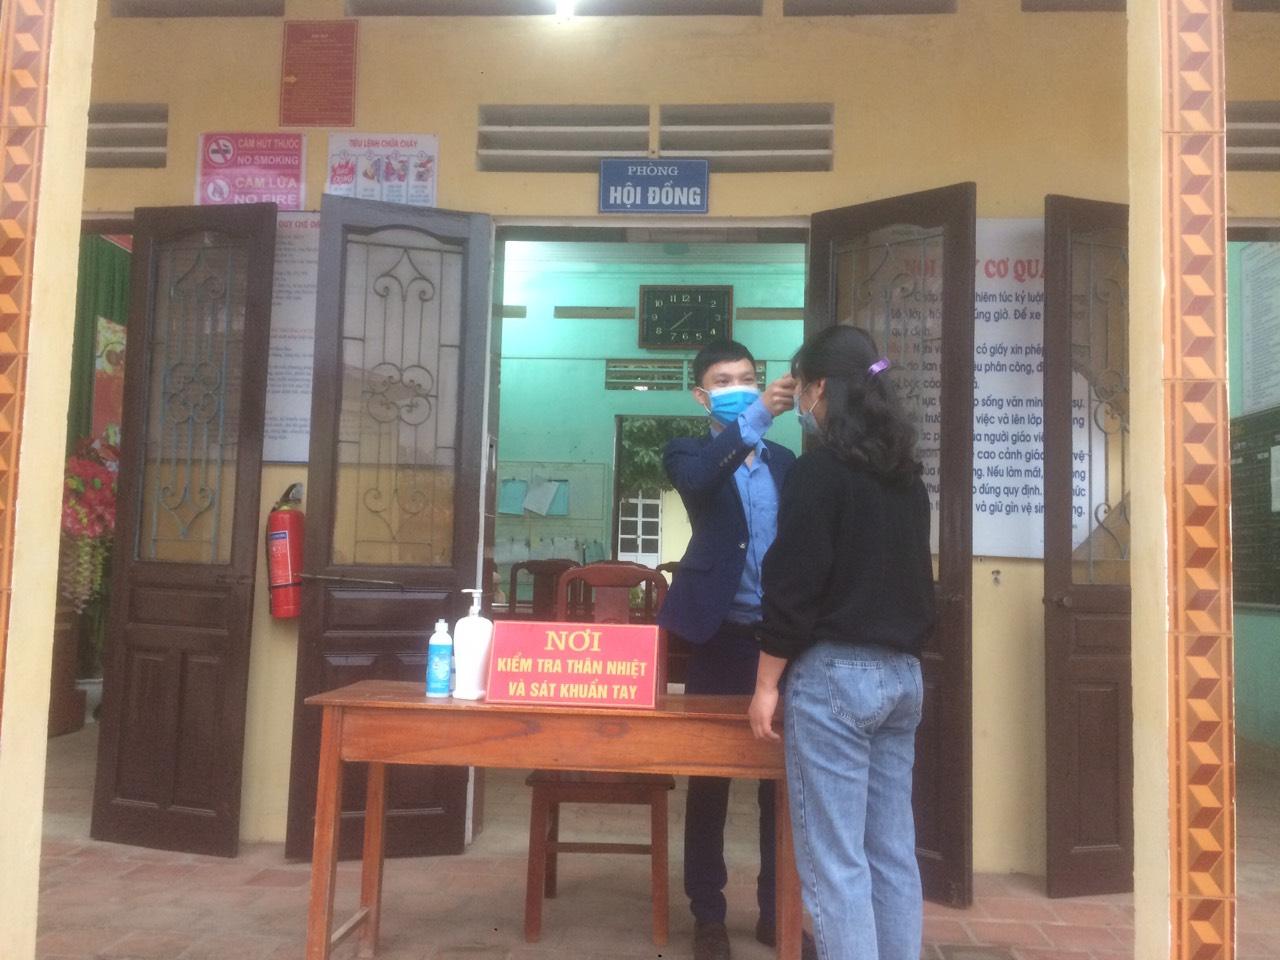 Các học sinh trường Mầm non Minh côi, xã Minh Côi, huyện Hạ Hòa được các cô giáo đo thân nhiệt ngay từ ngoài cổng trường